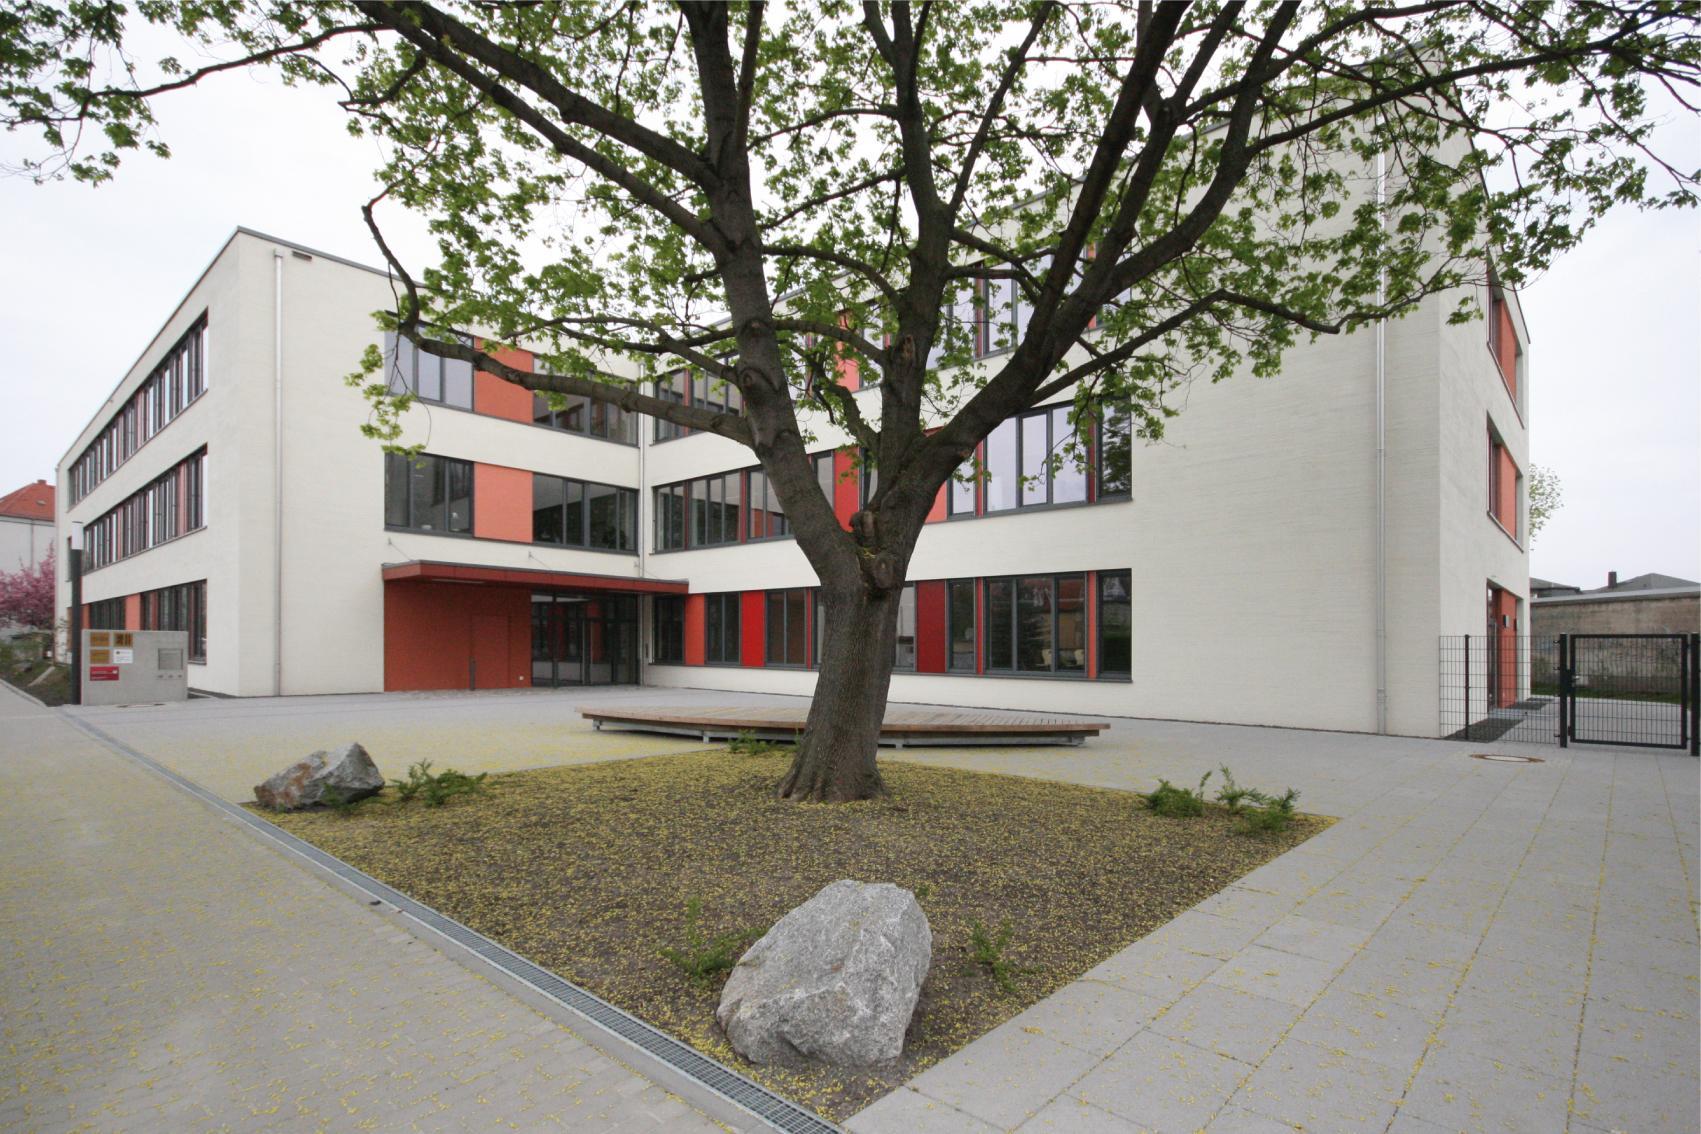 Projektsteuerung 144 Grundschule Dresden Hpm Henkel Projektmanagement